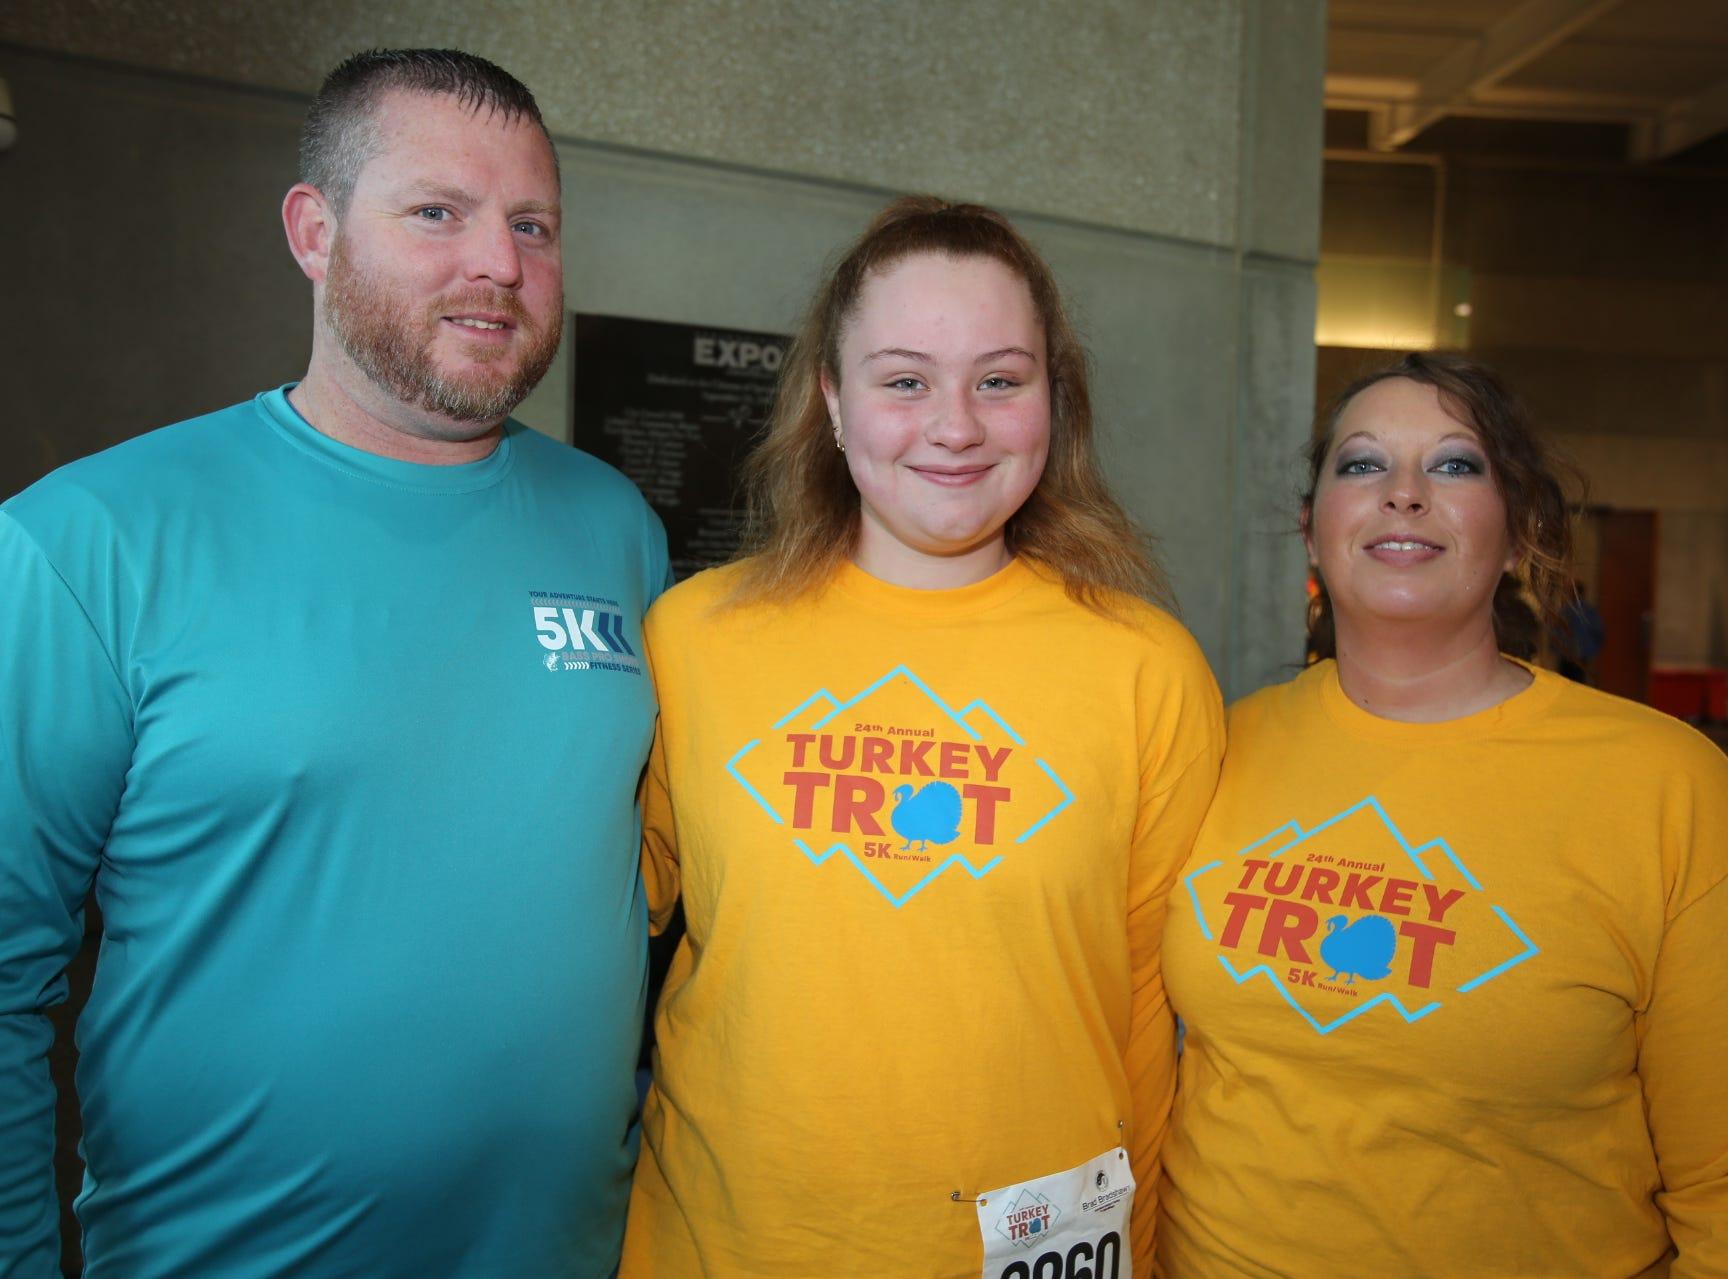 Brad, Aubrey, and Jahnae